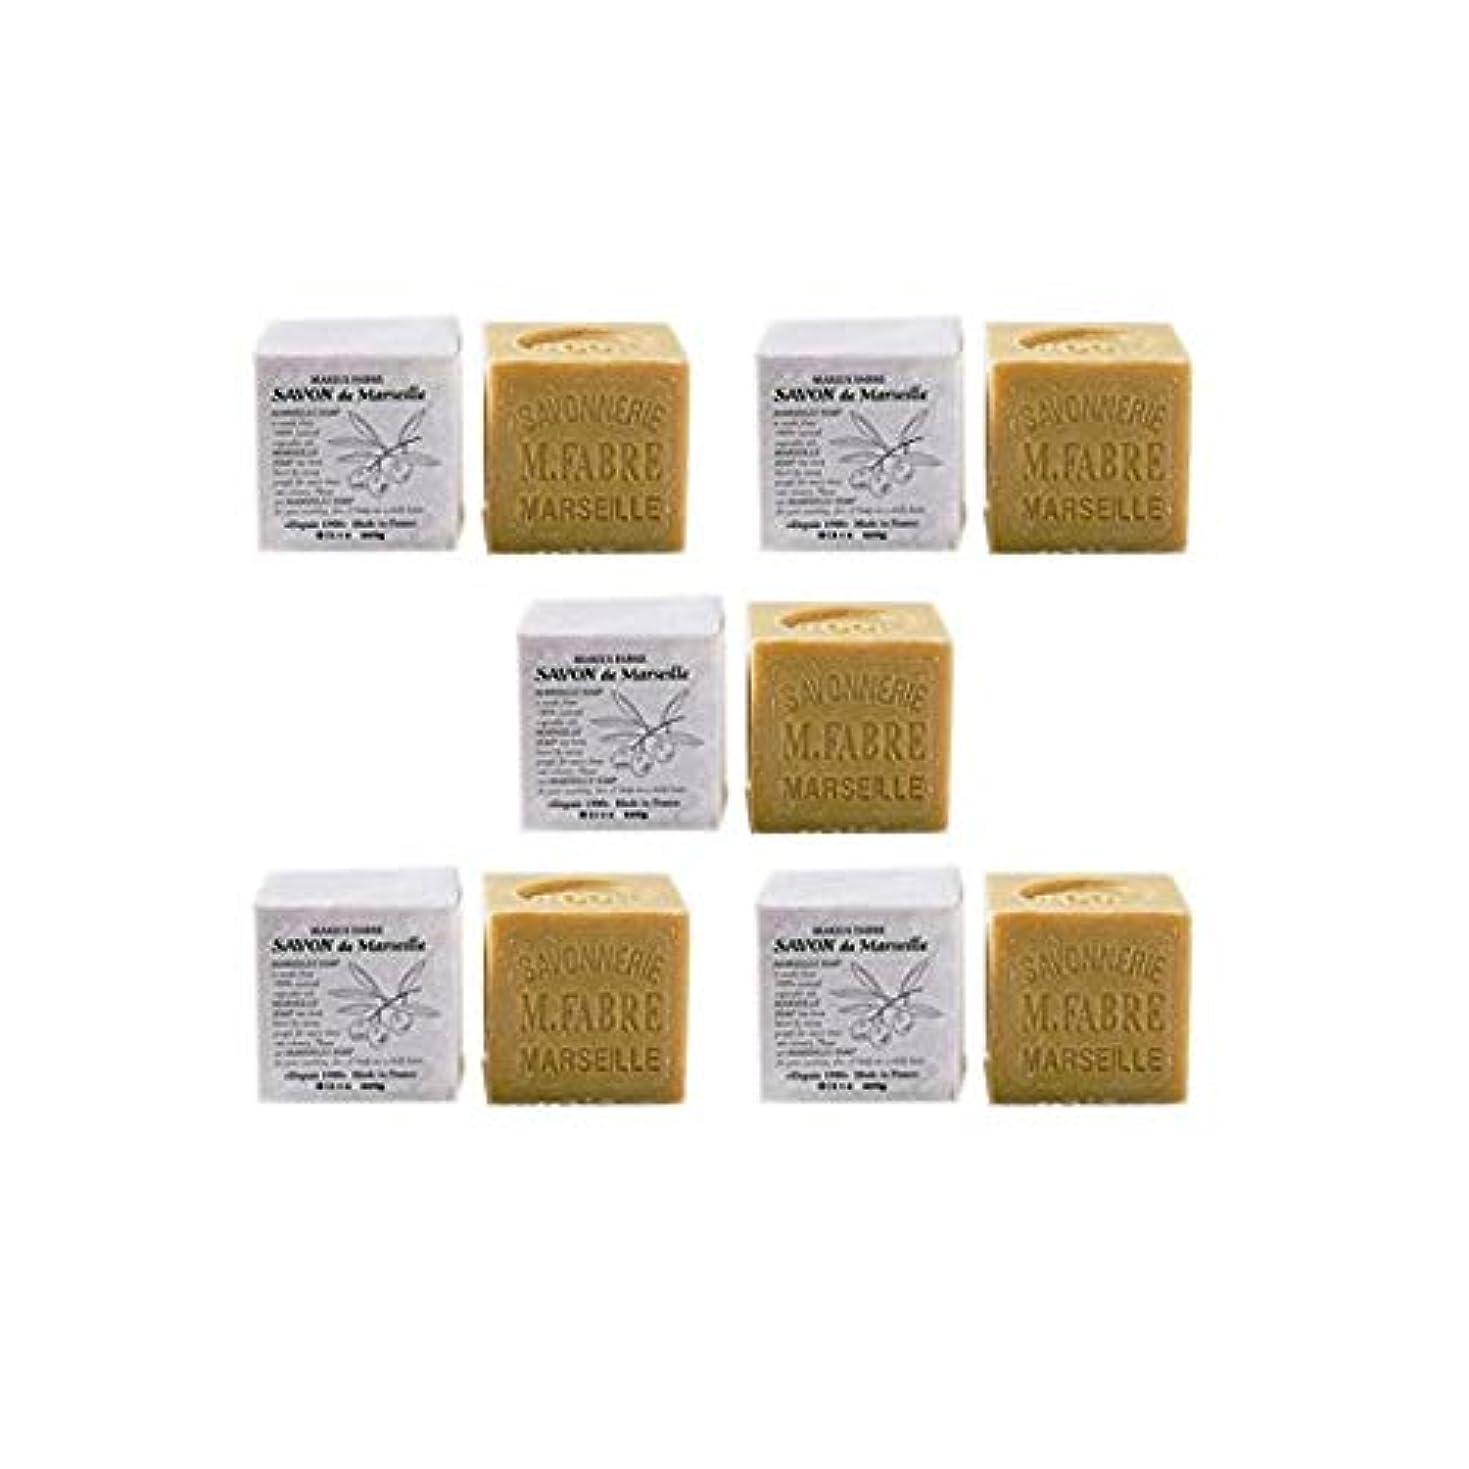 コンテンツプレミアムテロリストマリウスファーブルジューン サボンドマルセイユ無香料200gオリーブN 5個セット(200g×5個)無添加オリーブ石鹸